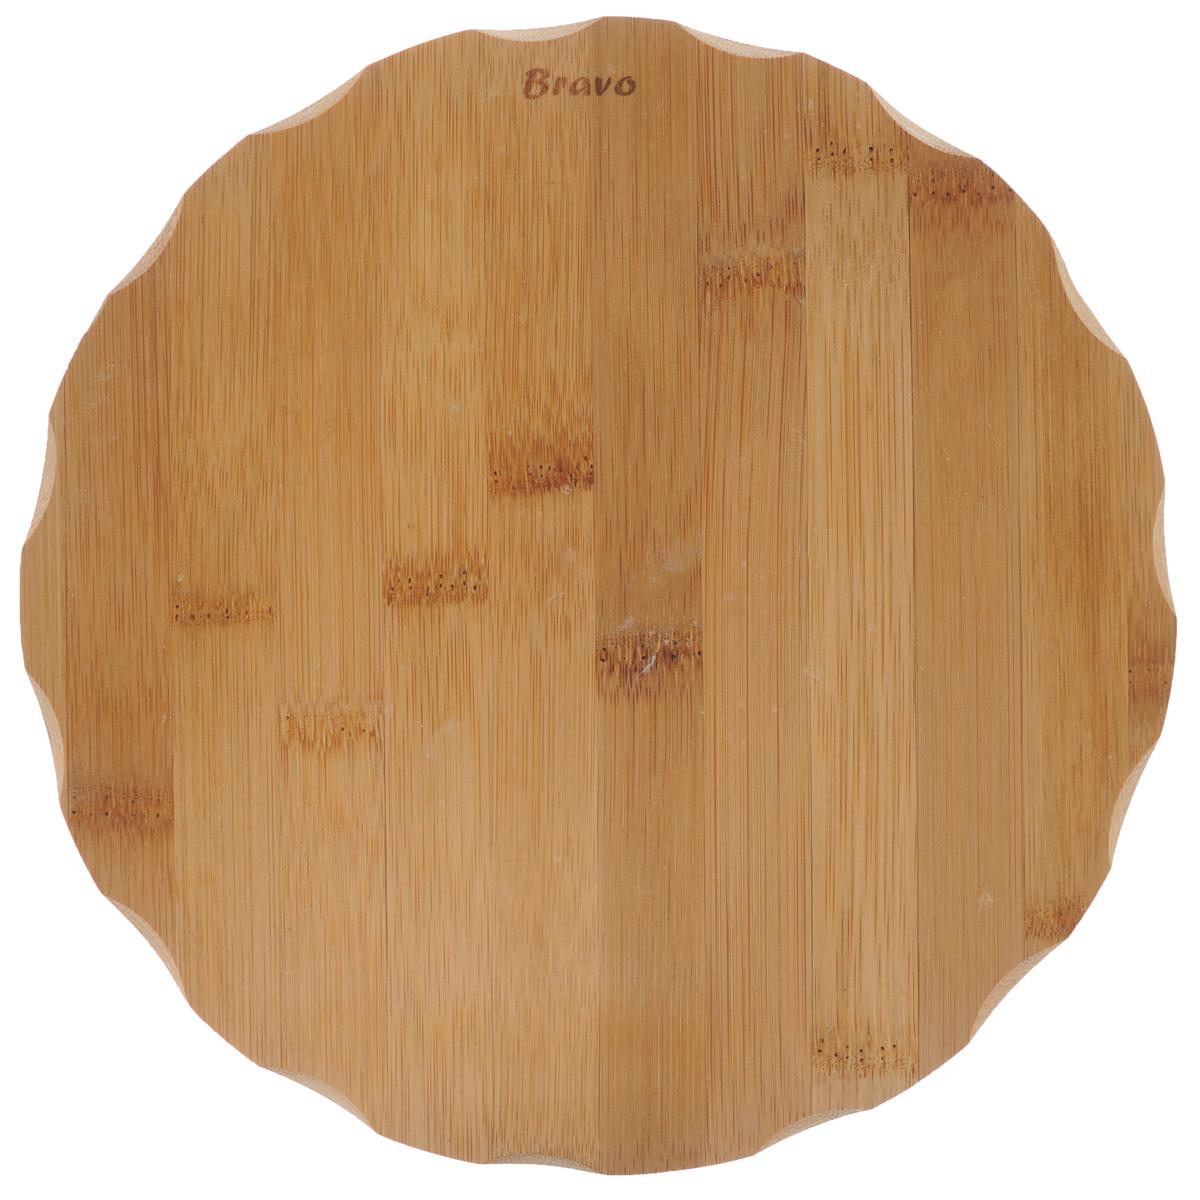 Доска разделочная Bravo, диаметр 23 см208Доска разделочная Bravo изготовлена из бамбука. Функциональная и простая в использовании, разделочная доска Bravo прекрасно впишется в интерьер любой кухни и прослужит вам долгие годы. Не рекомендуется мыть в посудомоечной машине. Диаметр доски: 23 см. Толщина доски: 1 см.